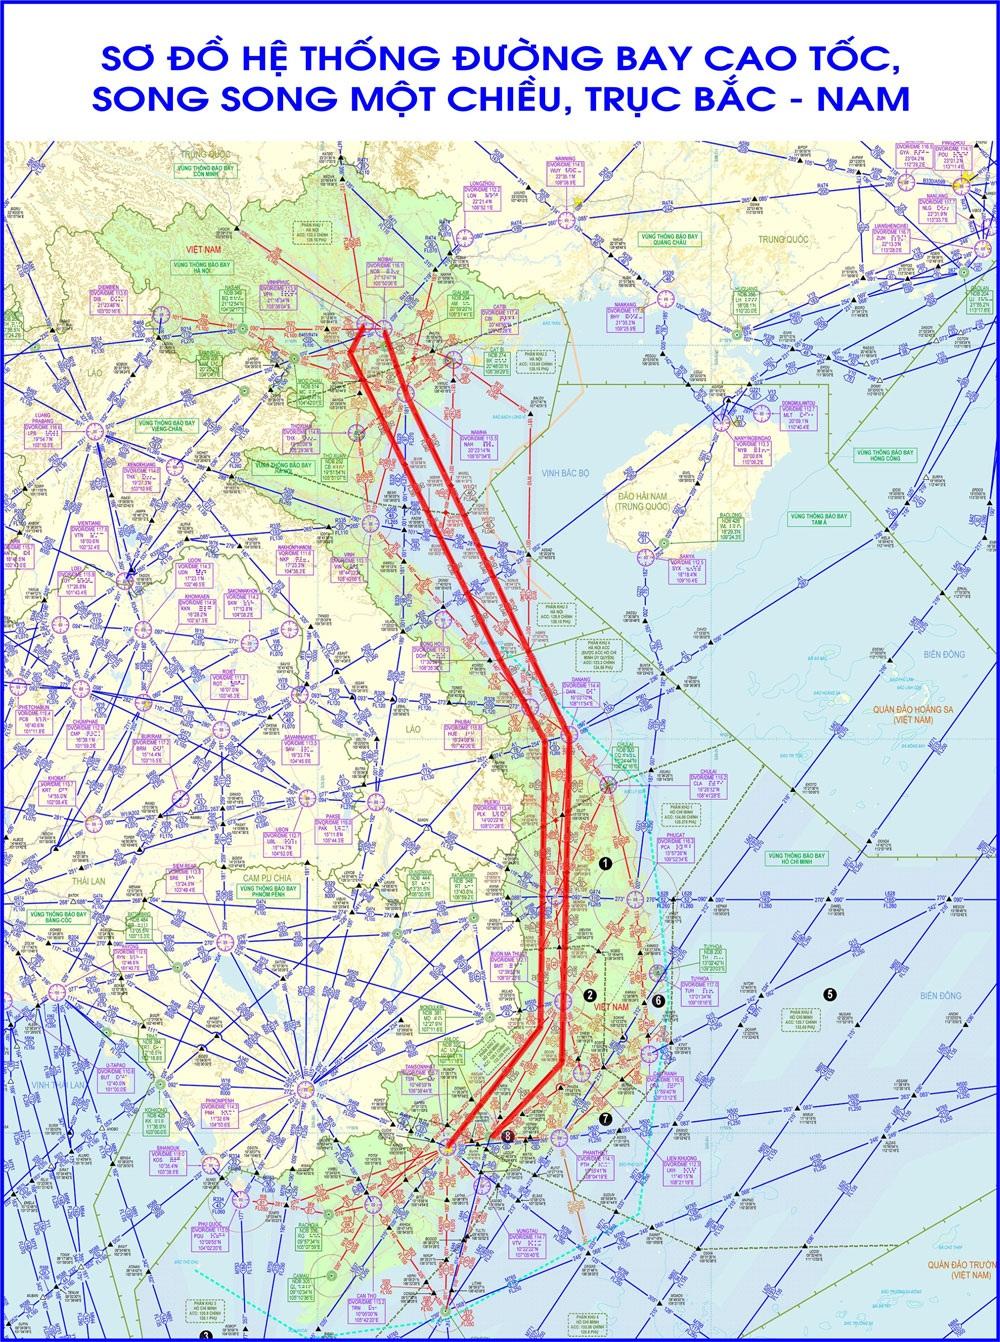 Sơ đồ đường bay cao tốc đầu tiên tại Việt Nam, song song 2 chiều Bắc - Nam